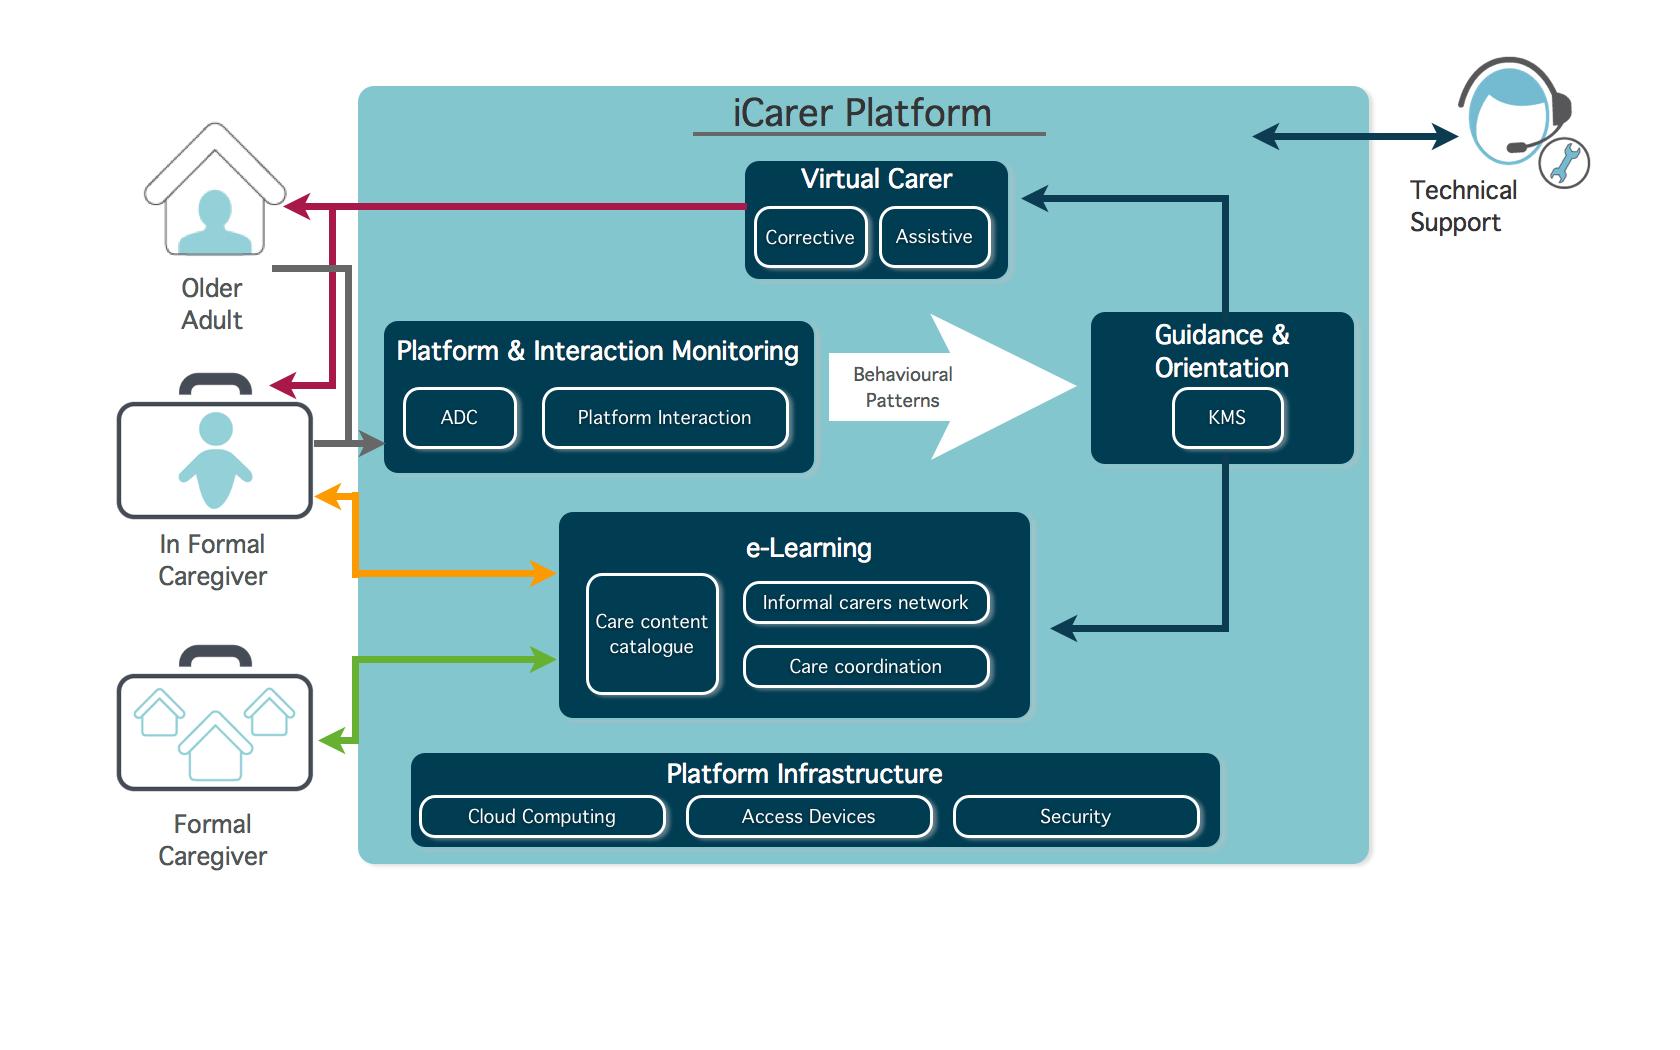 iCarer platform big